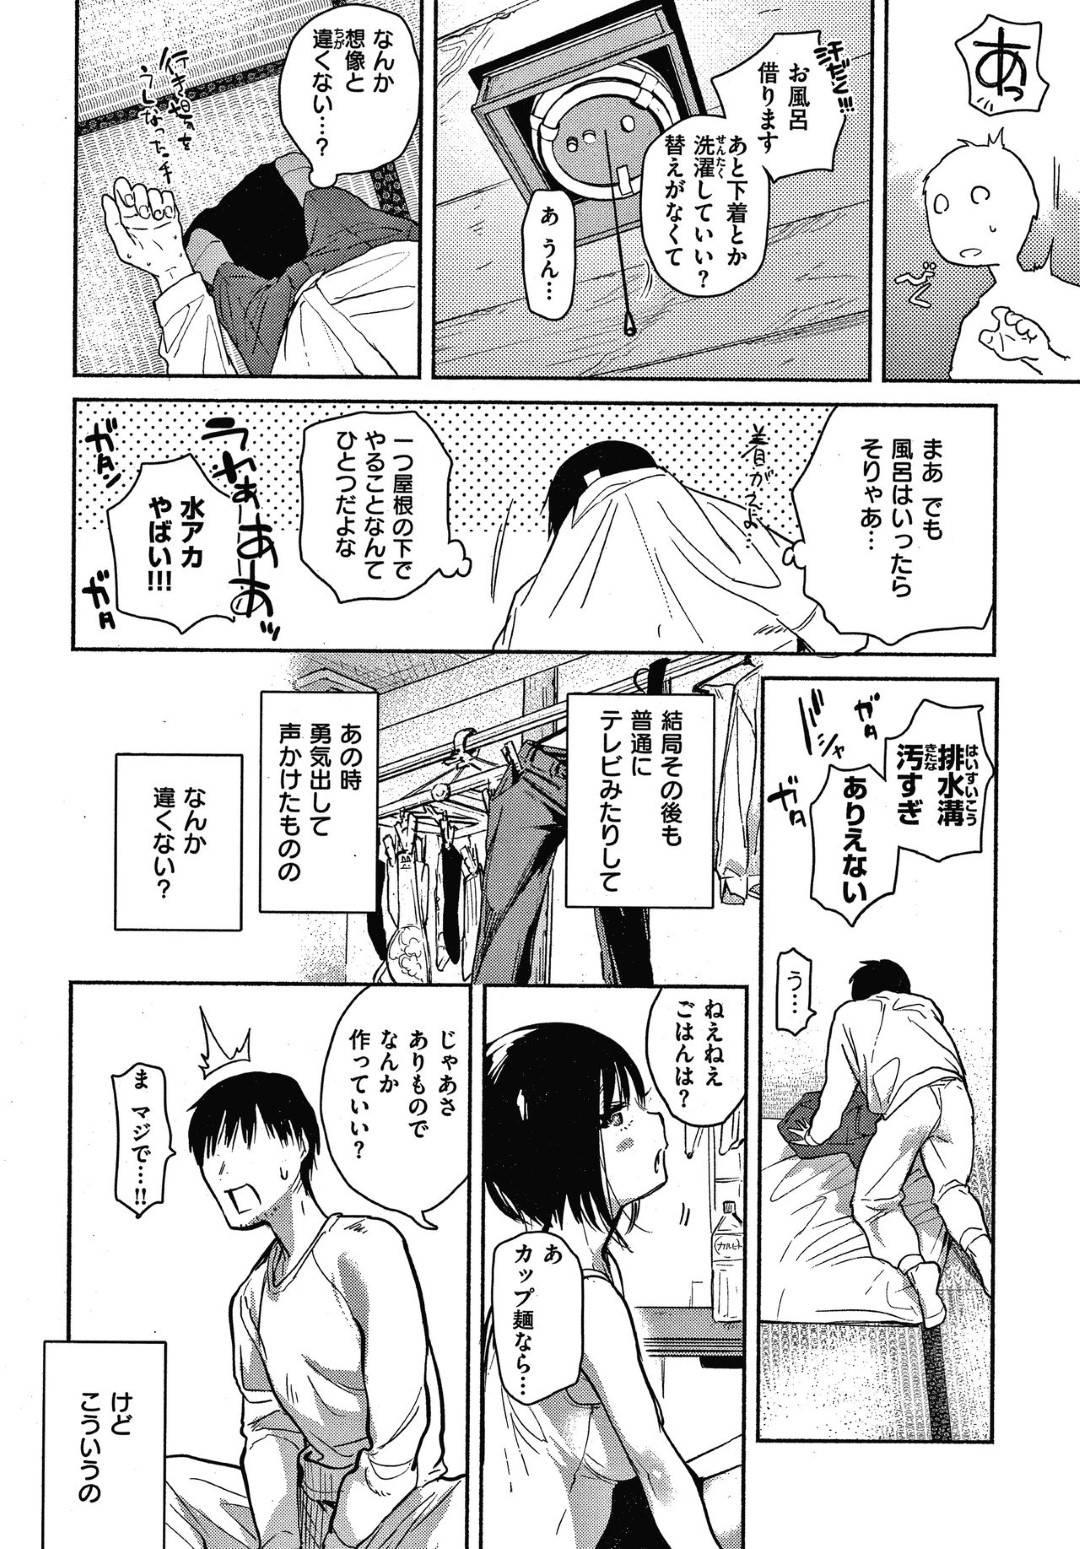 【エロ漫画】会ったばかりの男の家に泊まるJKは、本番なしと言いつつ自ら求めて生ハメ中出しセックスでイキまくる